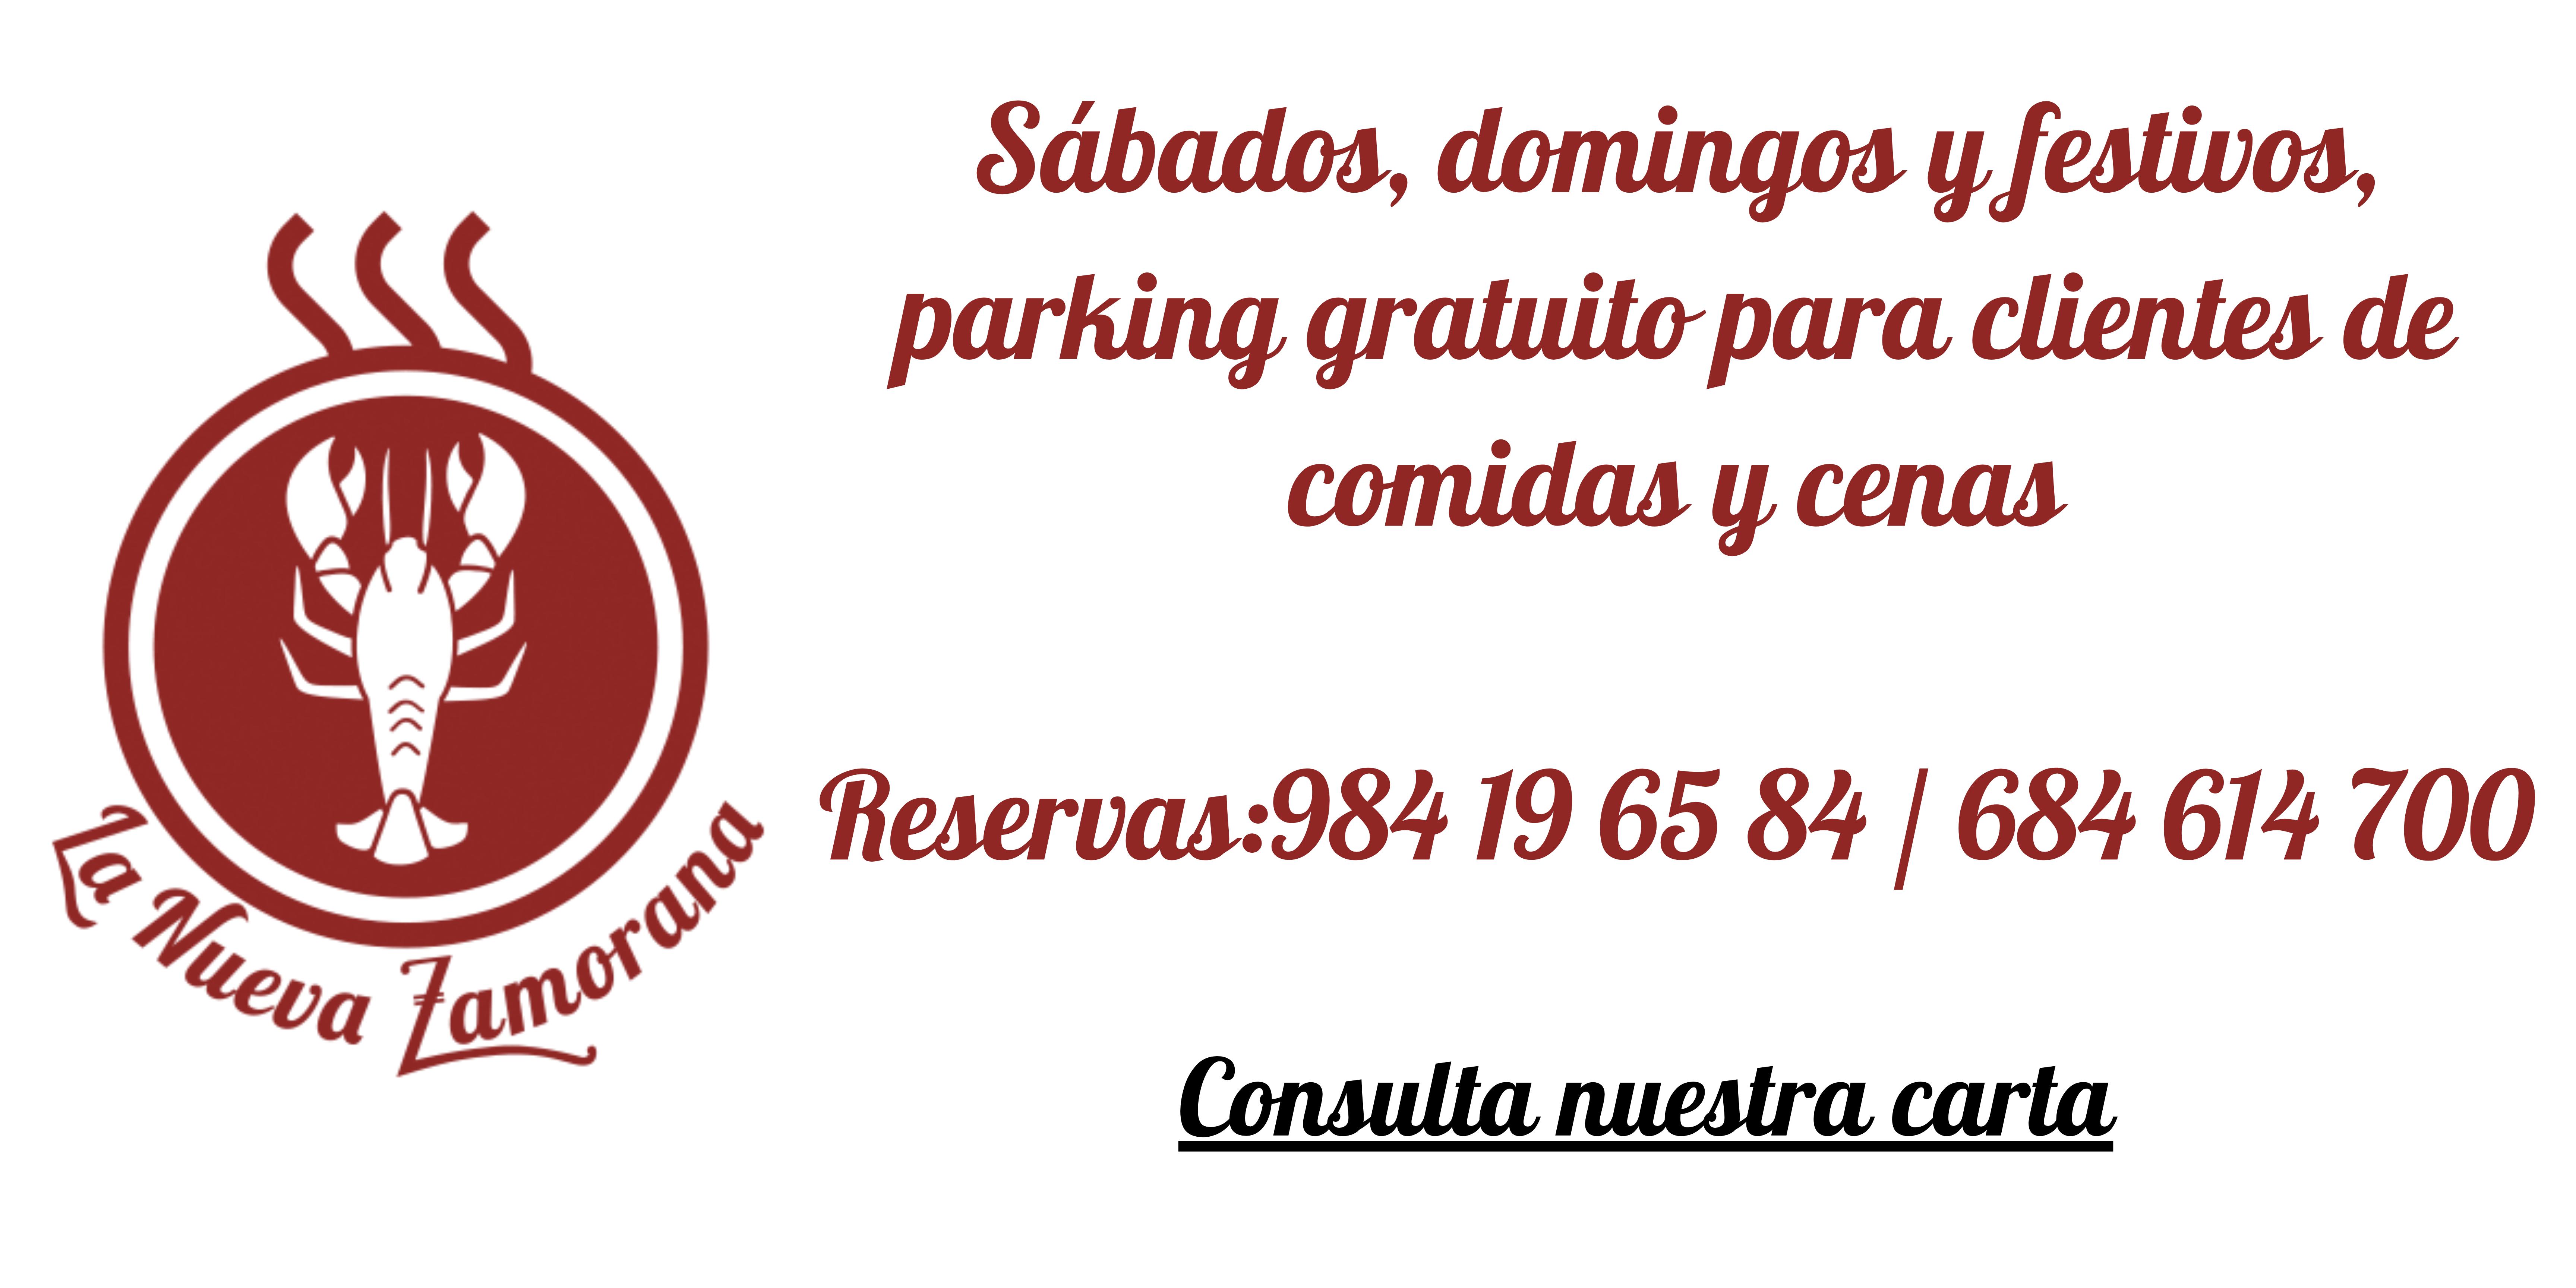 Parking gratuito clientes